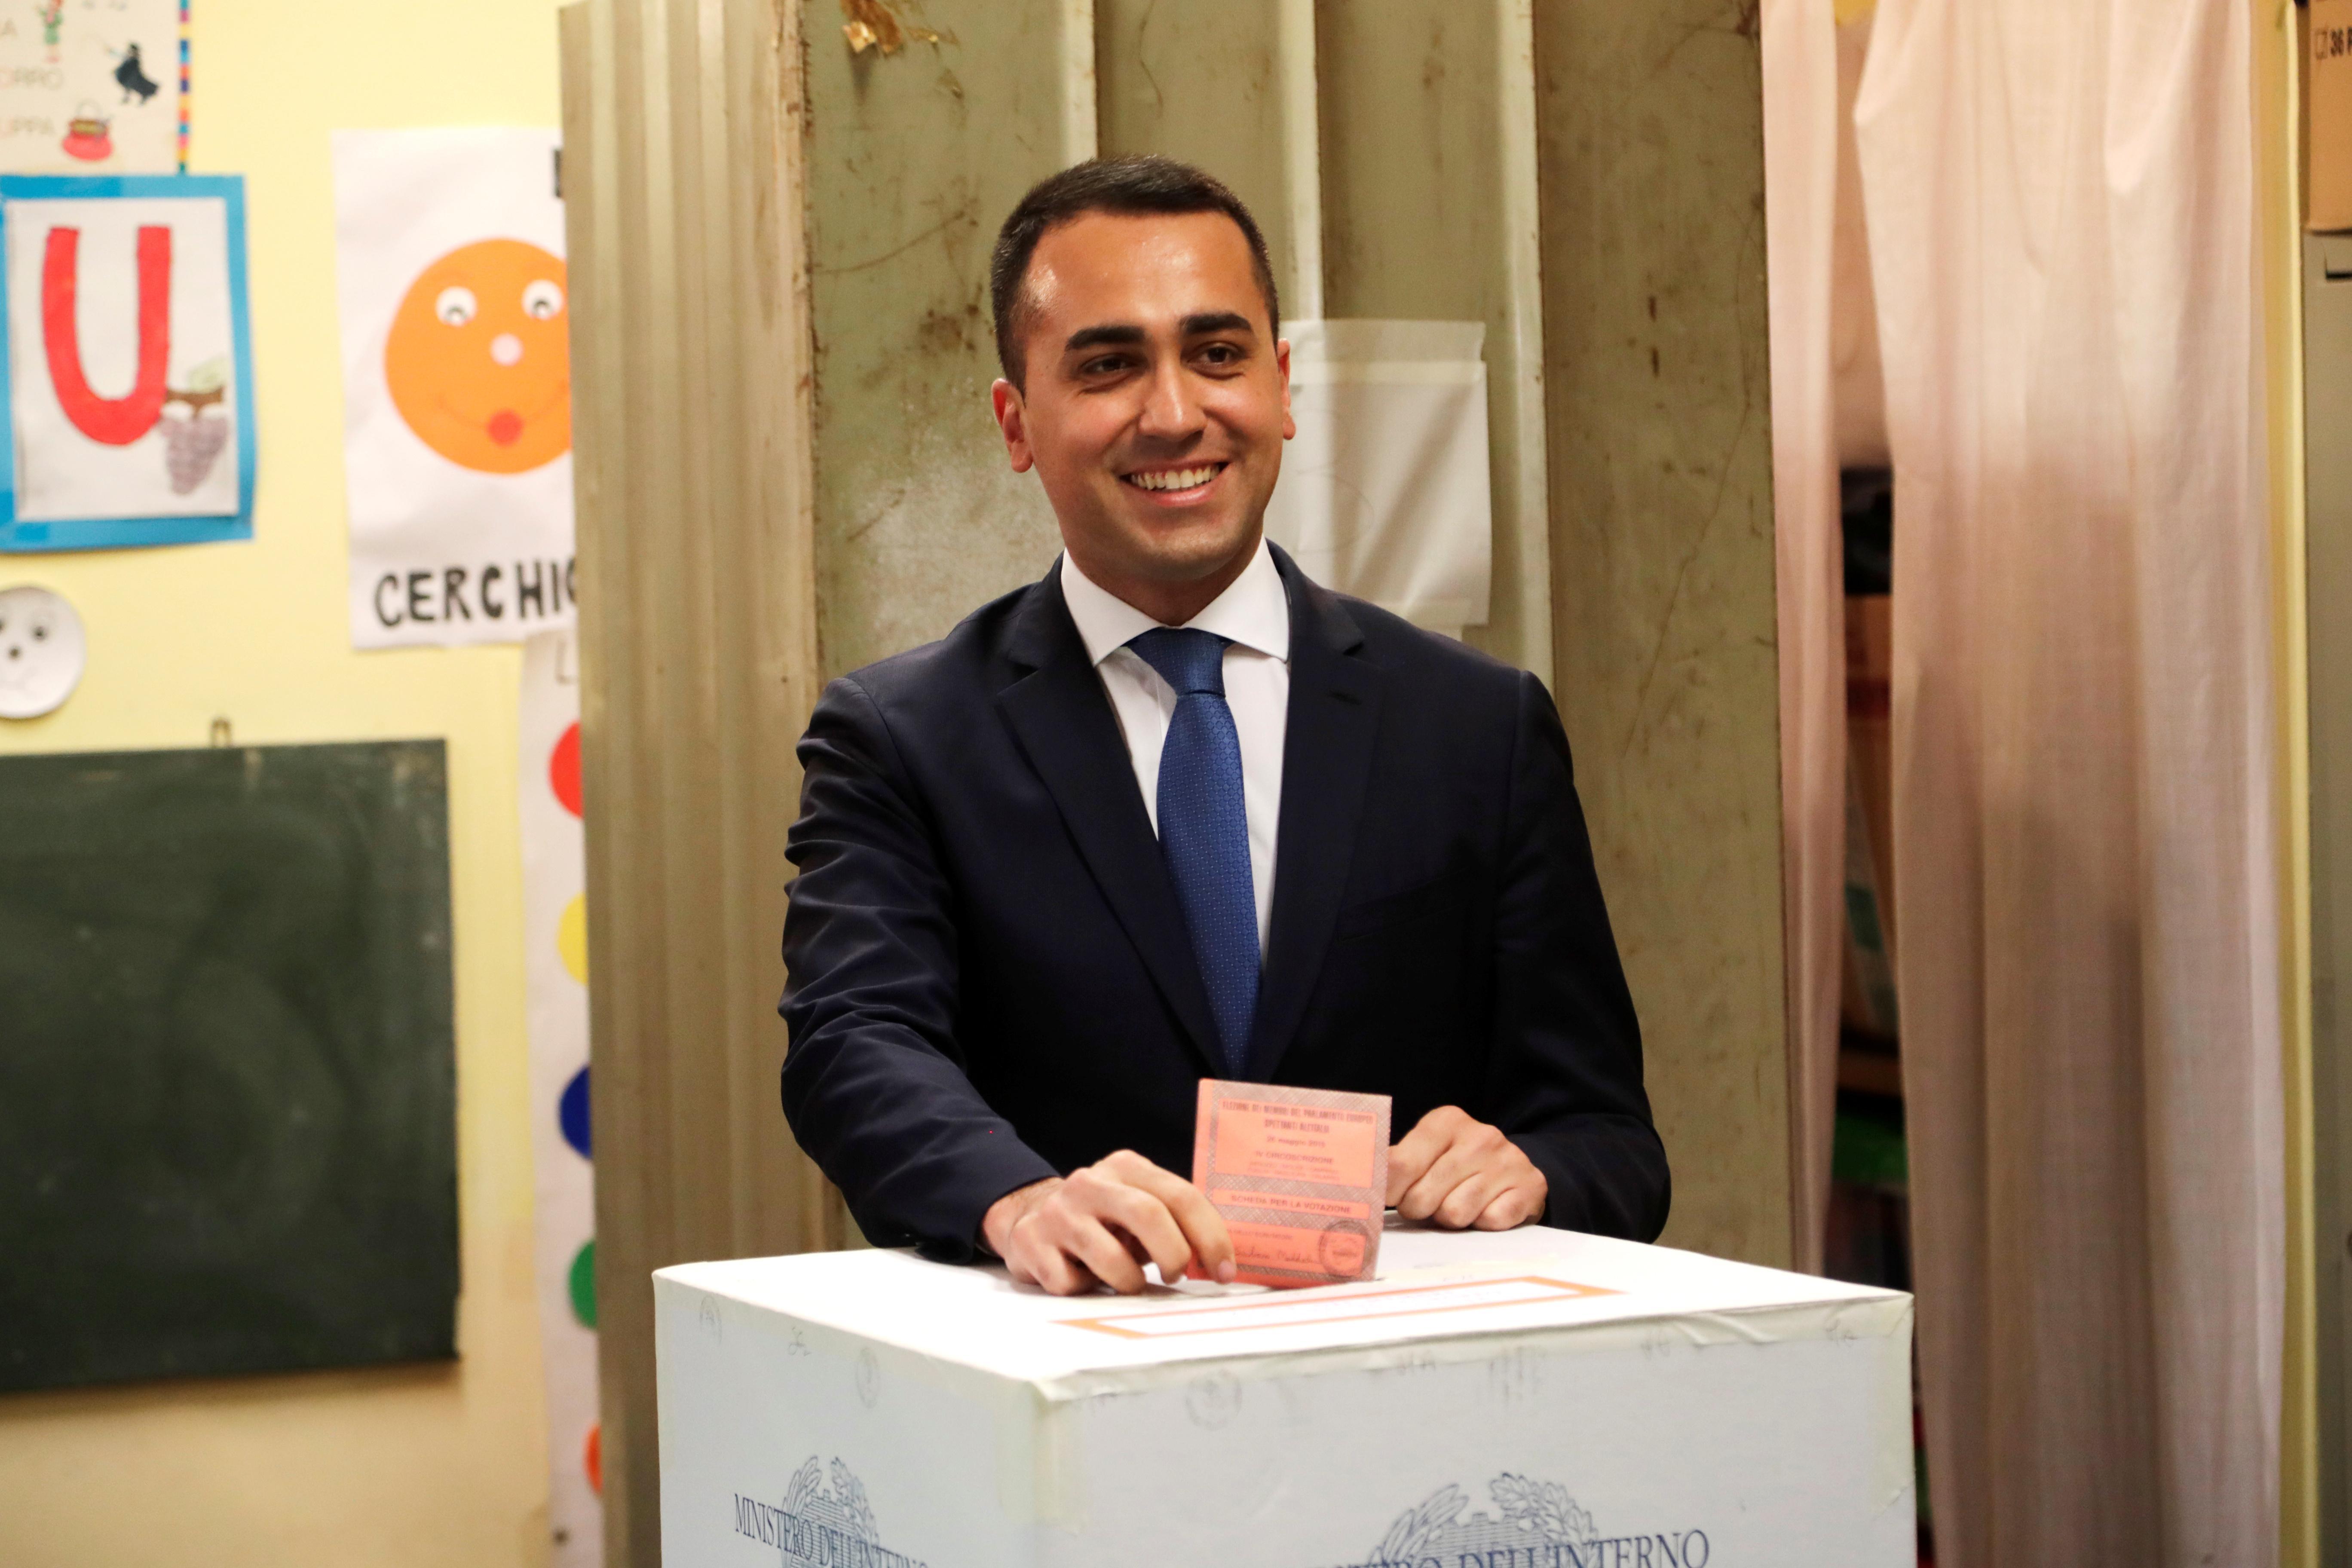 Italy's deputy PM Di Maio says EU vote will not derail government